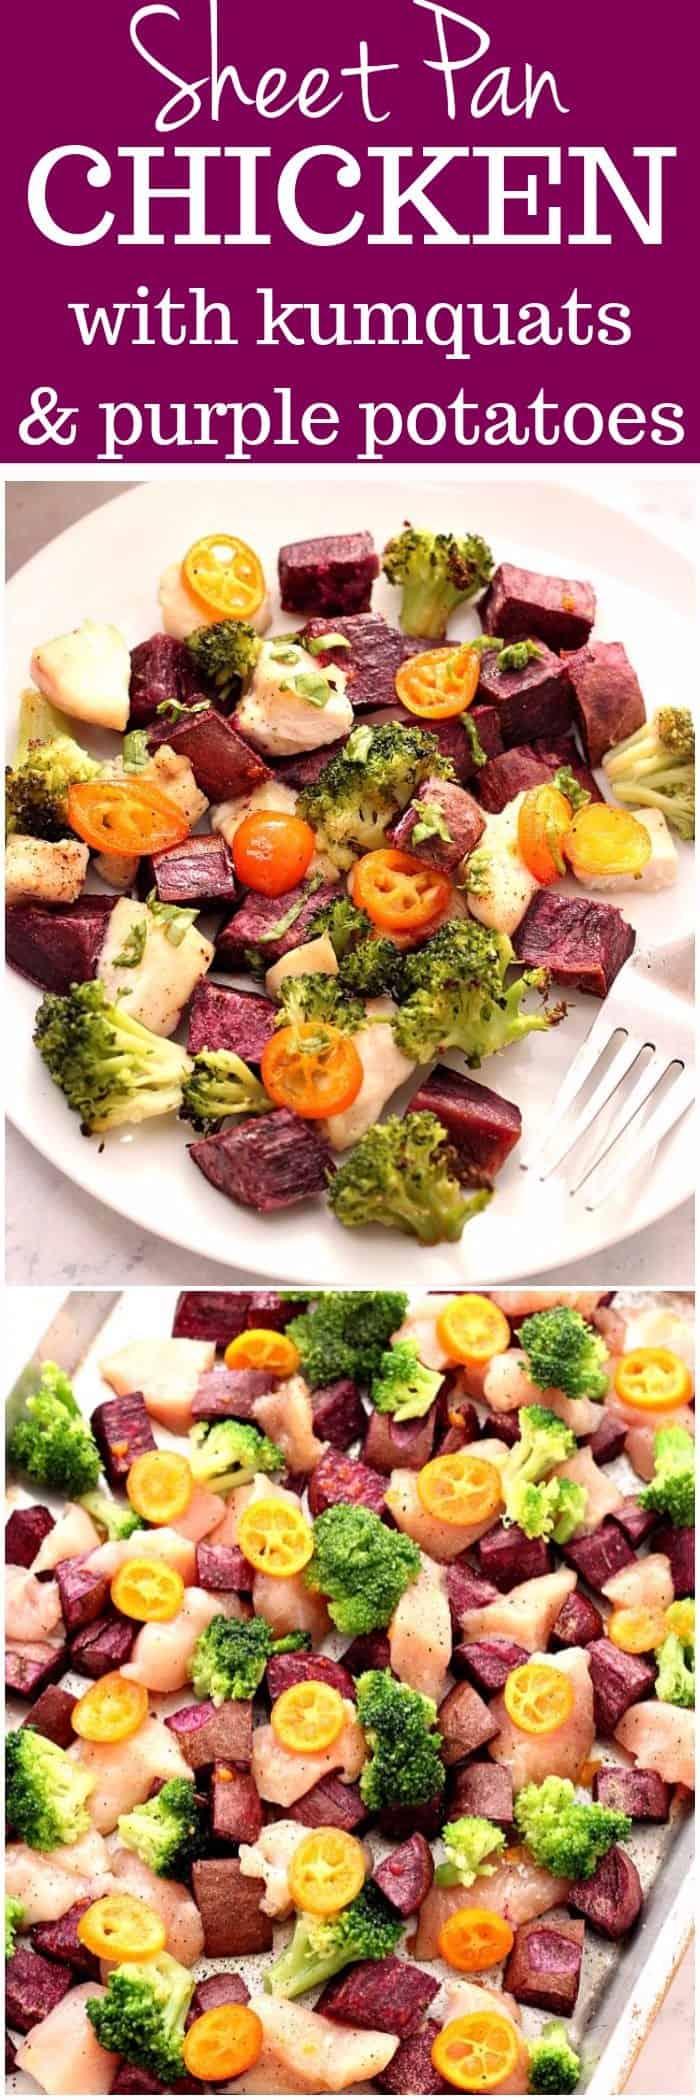 sheet pan chicken with kumquats and purple potatoes recipe long1 Sheet Pan Chicken with Kumquats and Purple Potatoes